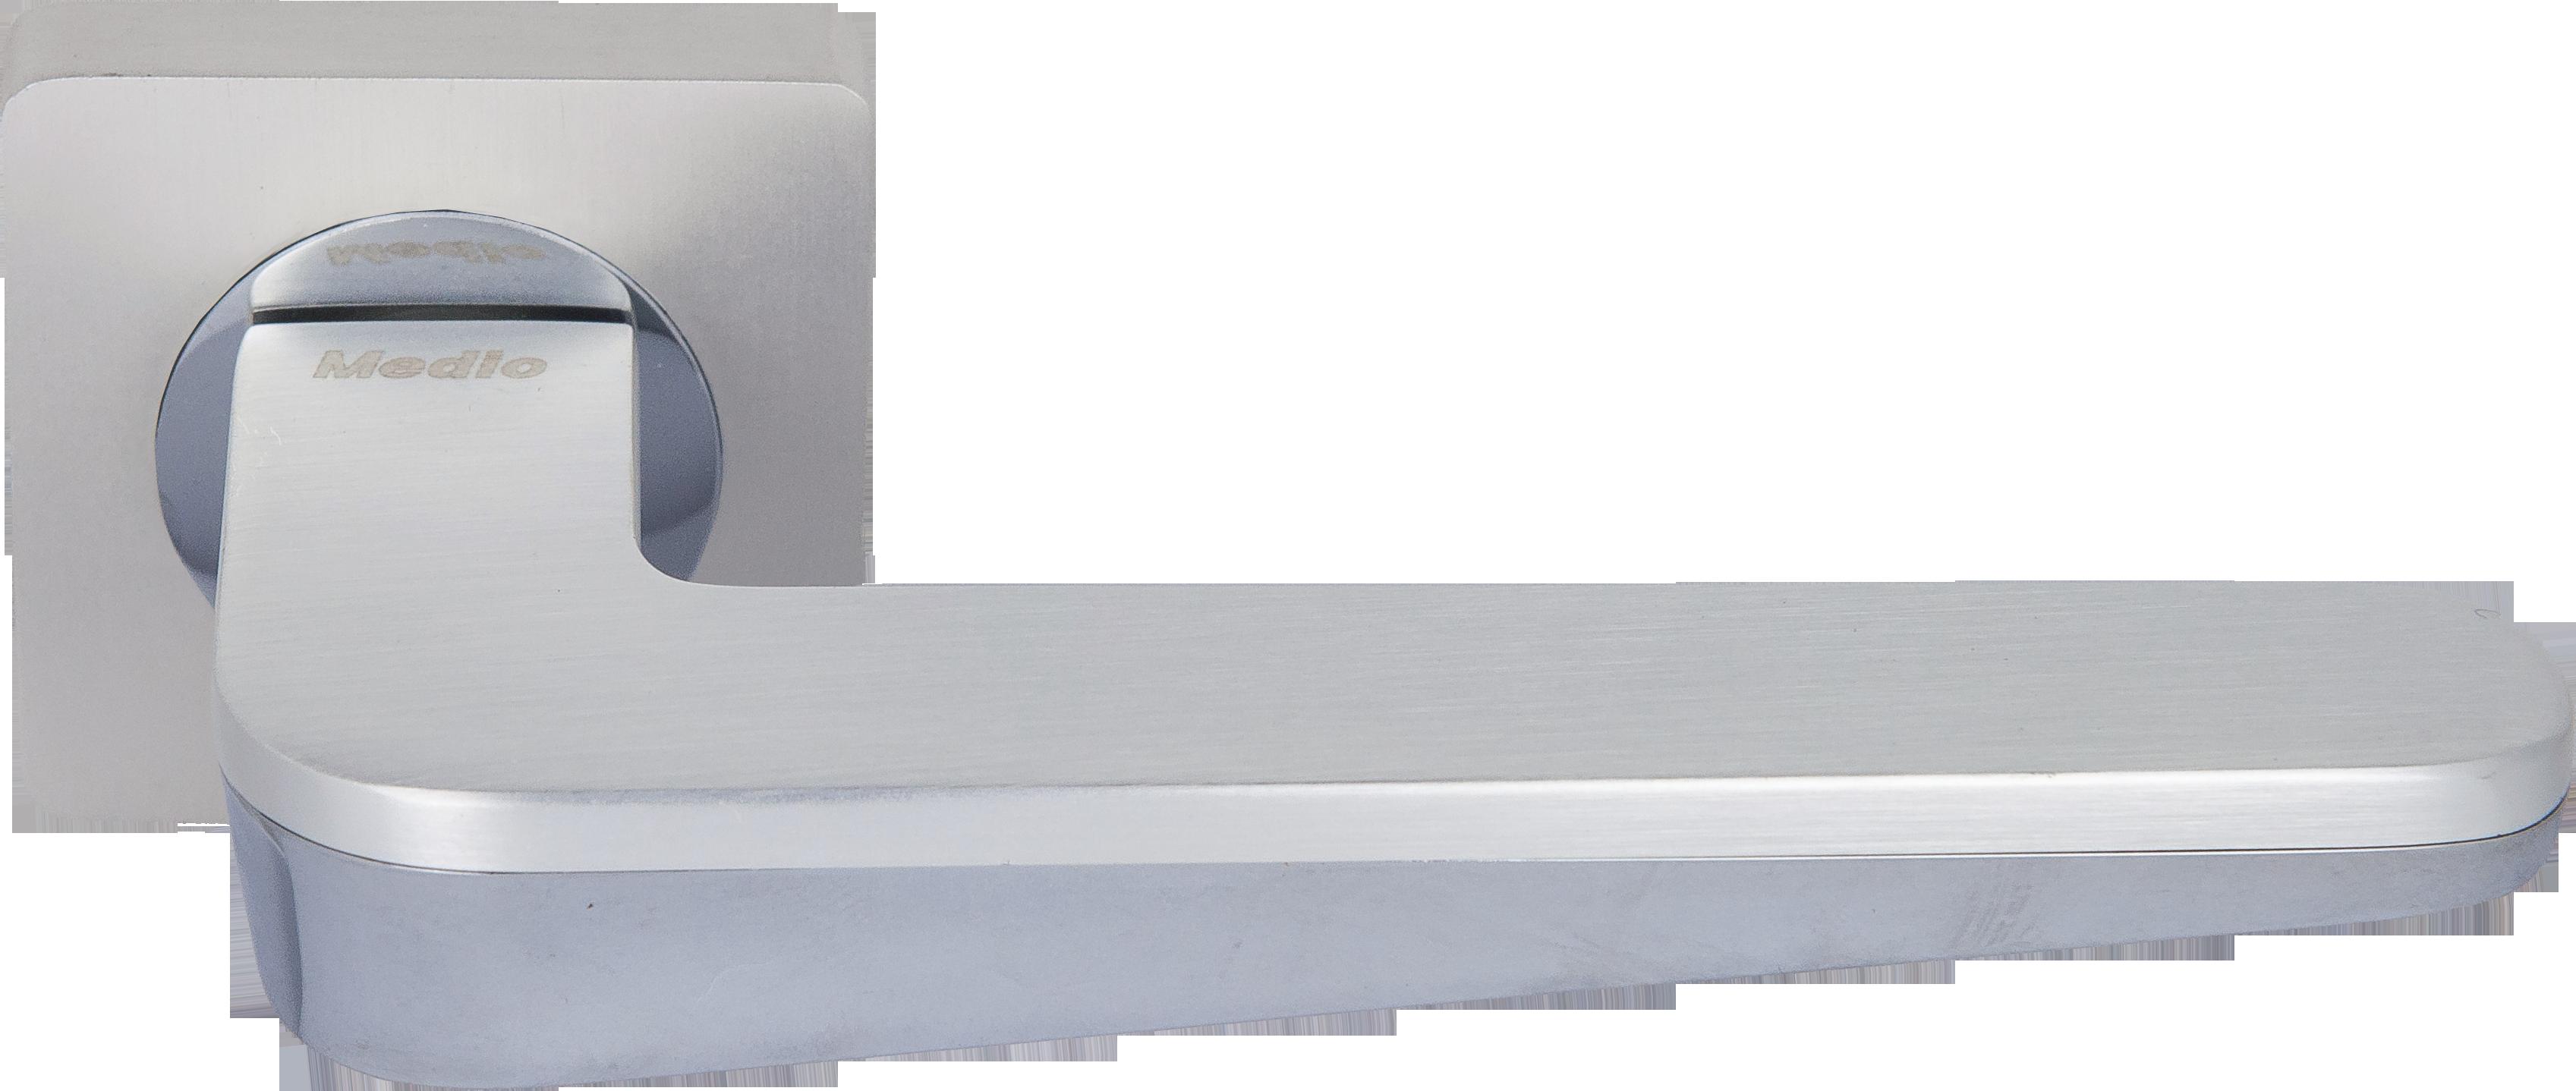 Ручка Медио M5361-88 CP/SILVER хром/серебро (10 шт)